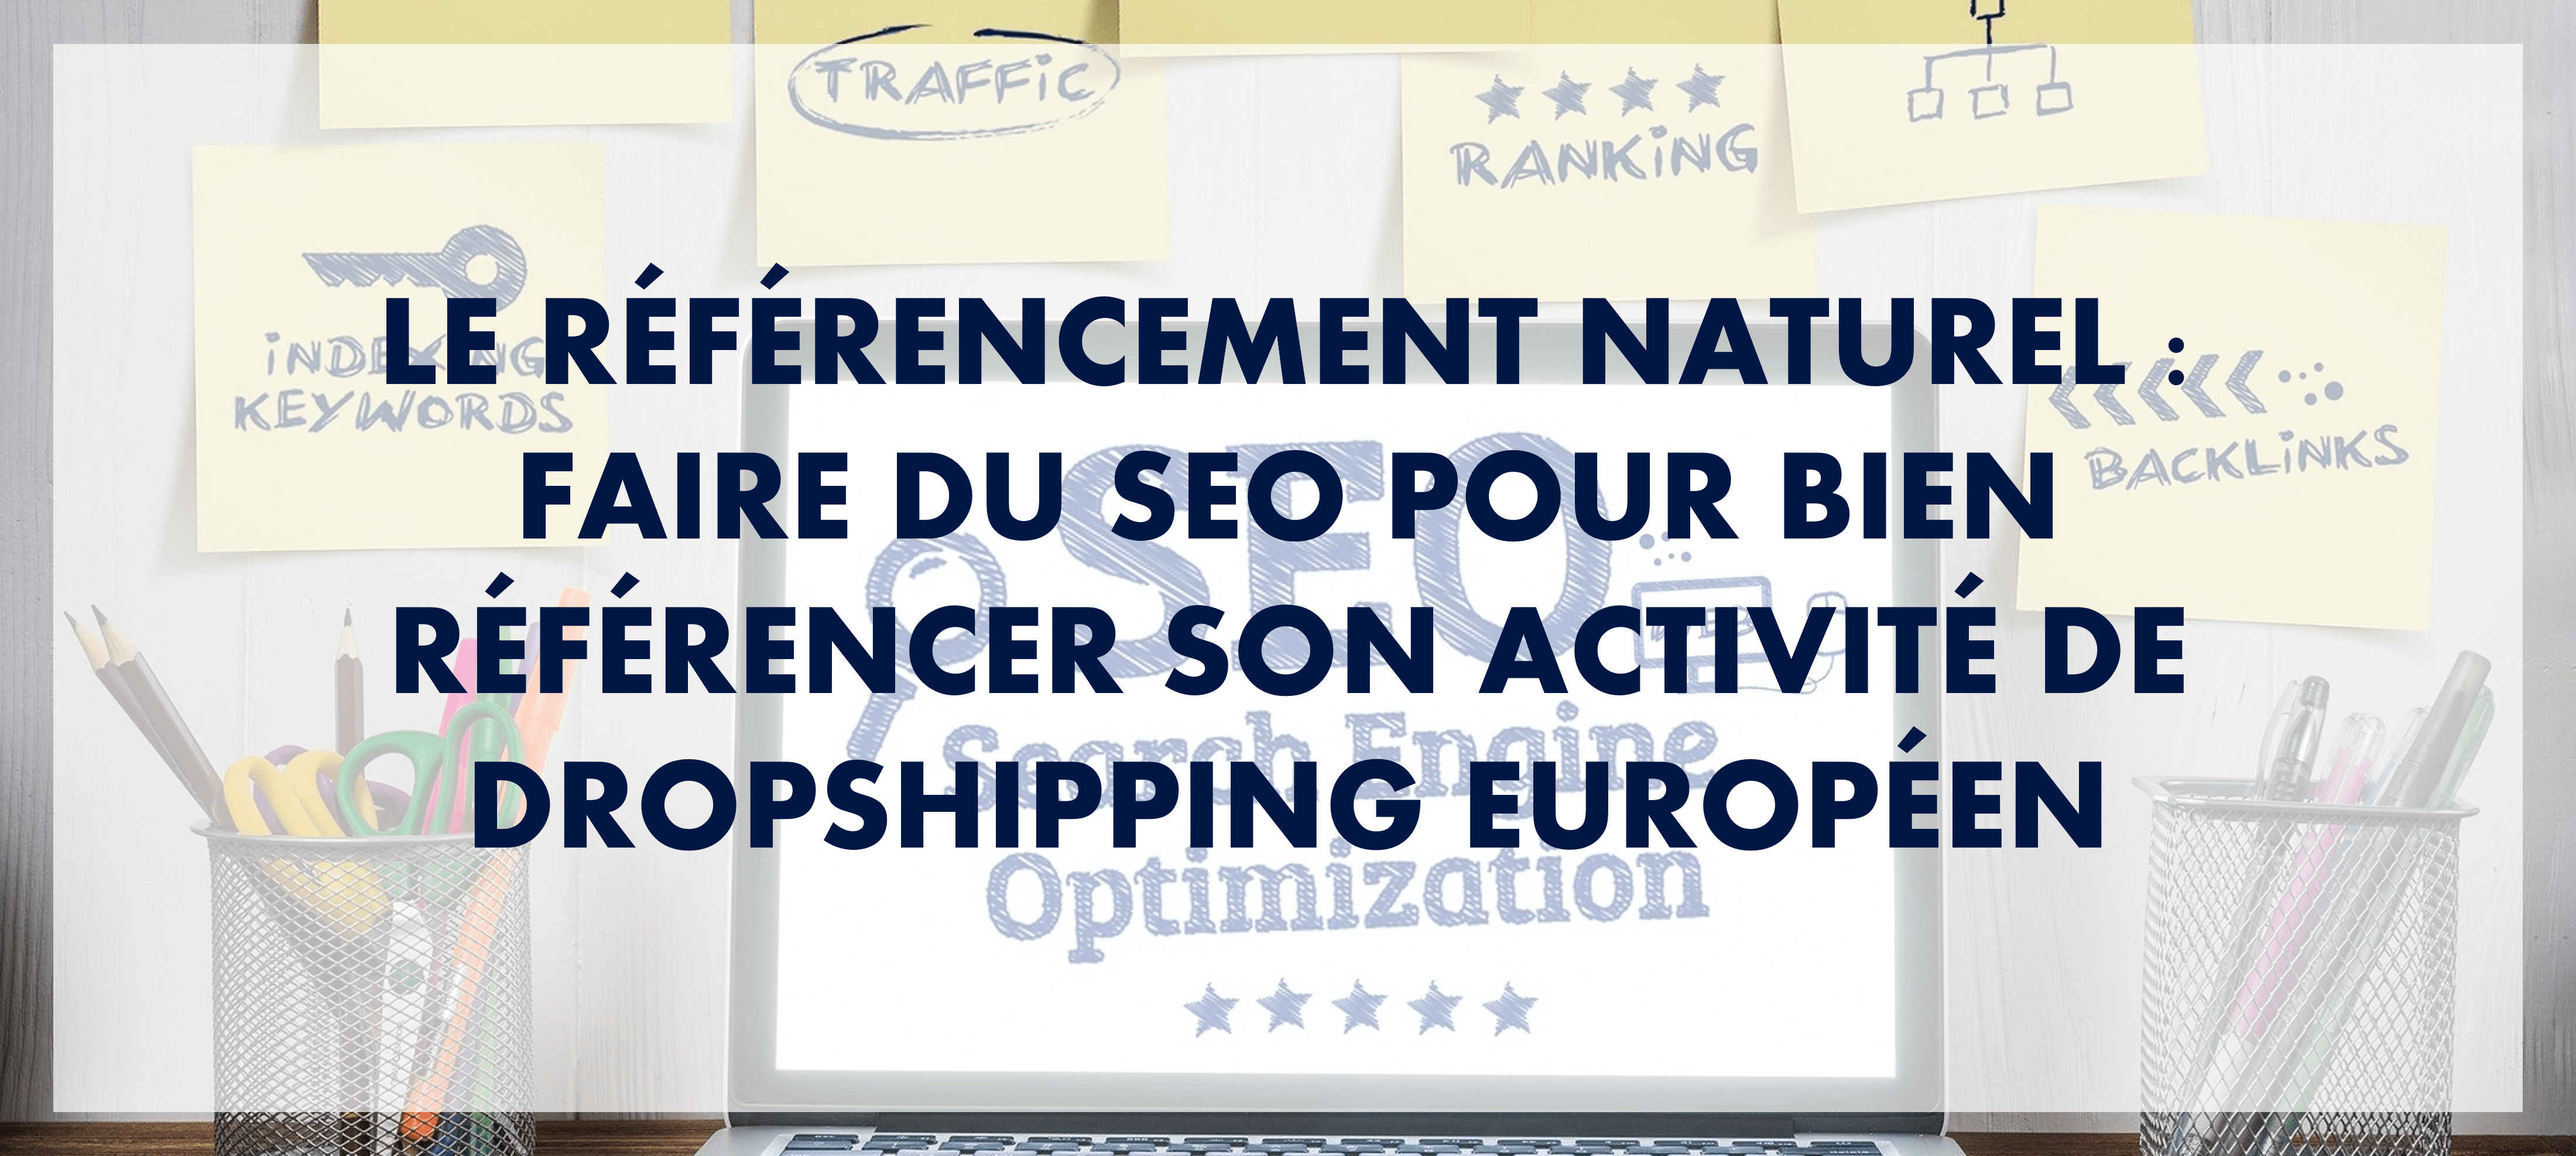 Le référencement naturel : faire du SEO pour bien référencer son activité de dropshipping européen